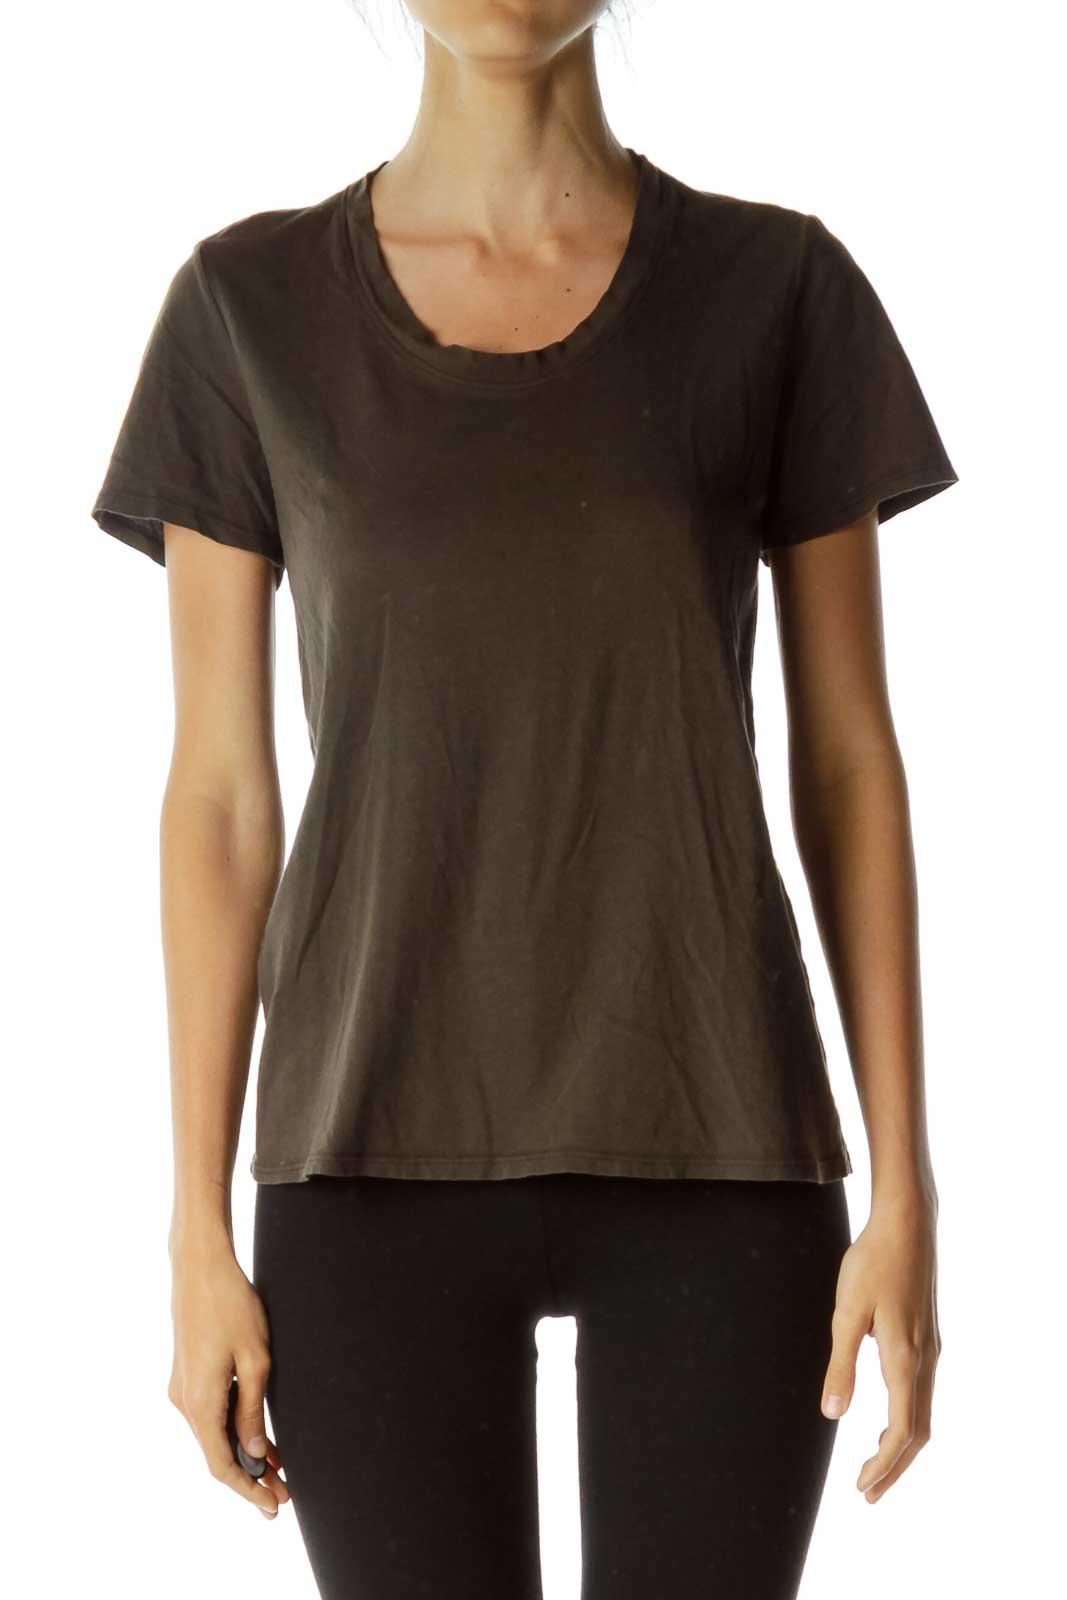 Dark Green/Brown Round Neck T-Shirt Front